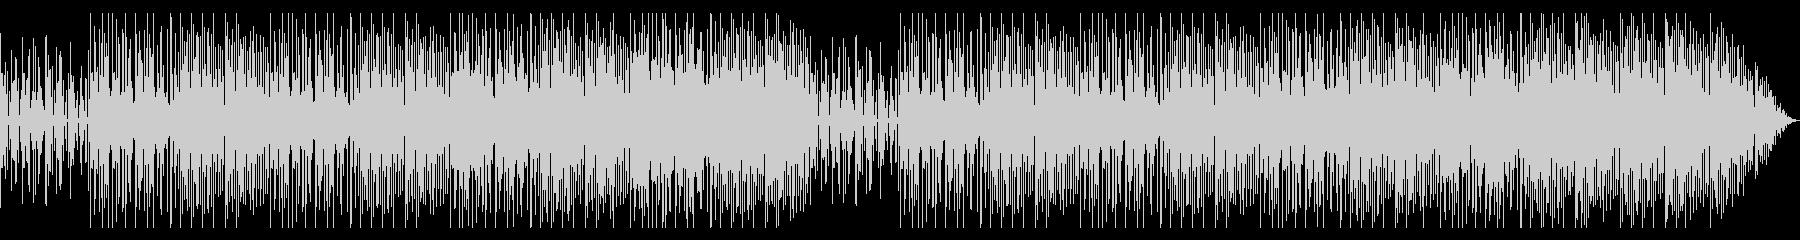 ソリッドで加速感のあるテクノ風ビートの未再生の波形